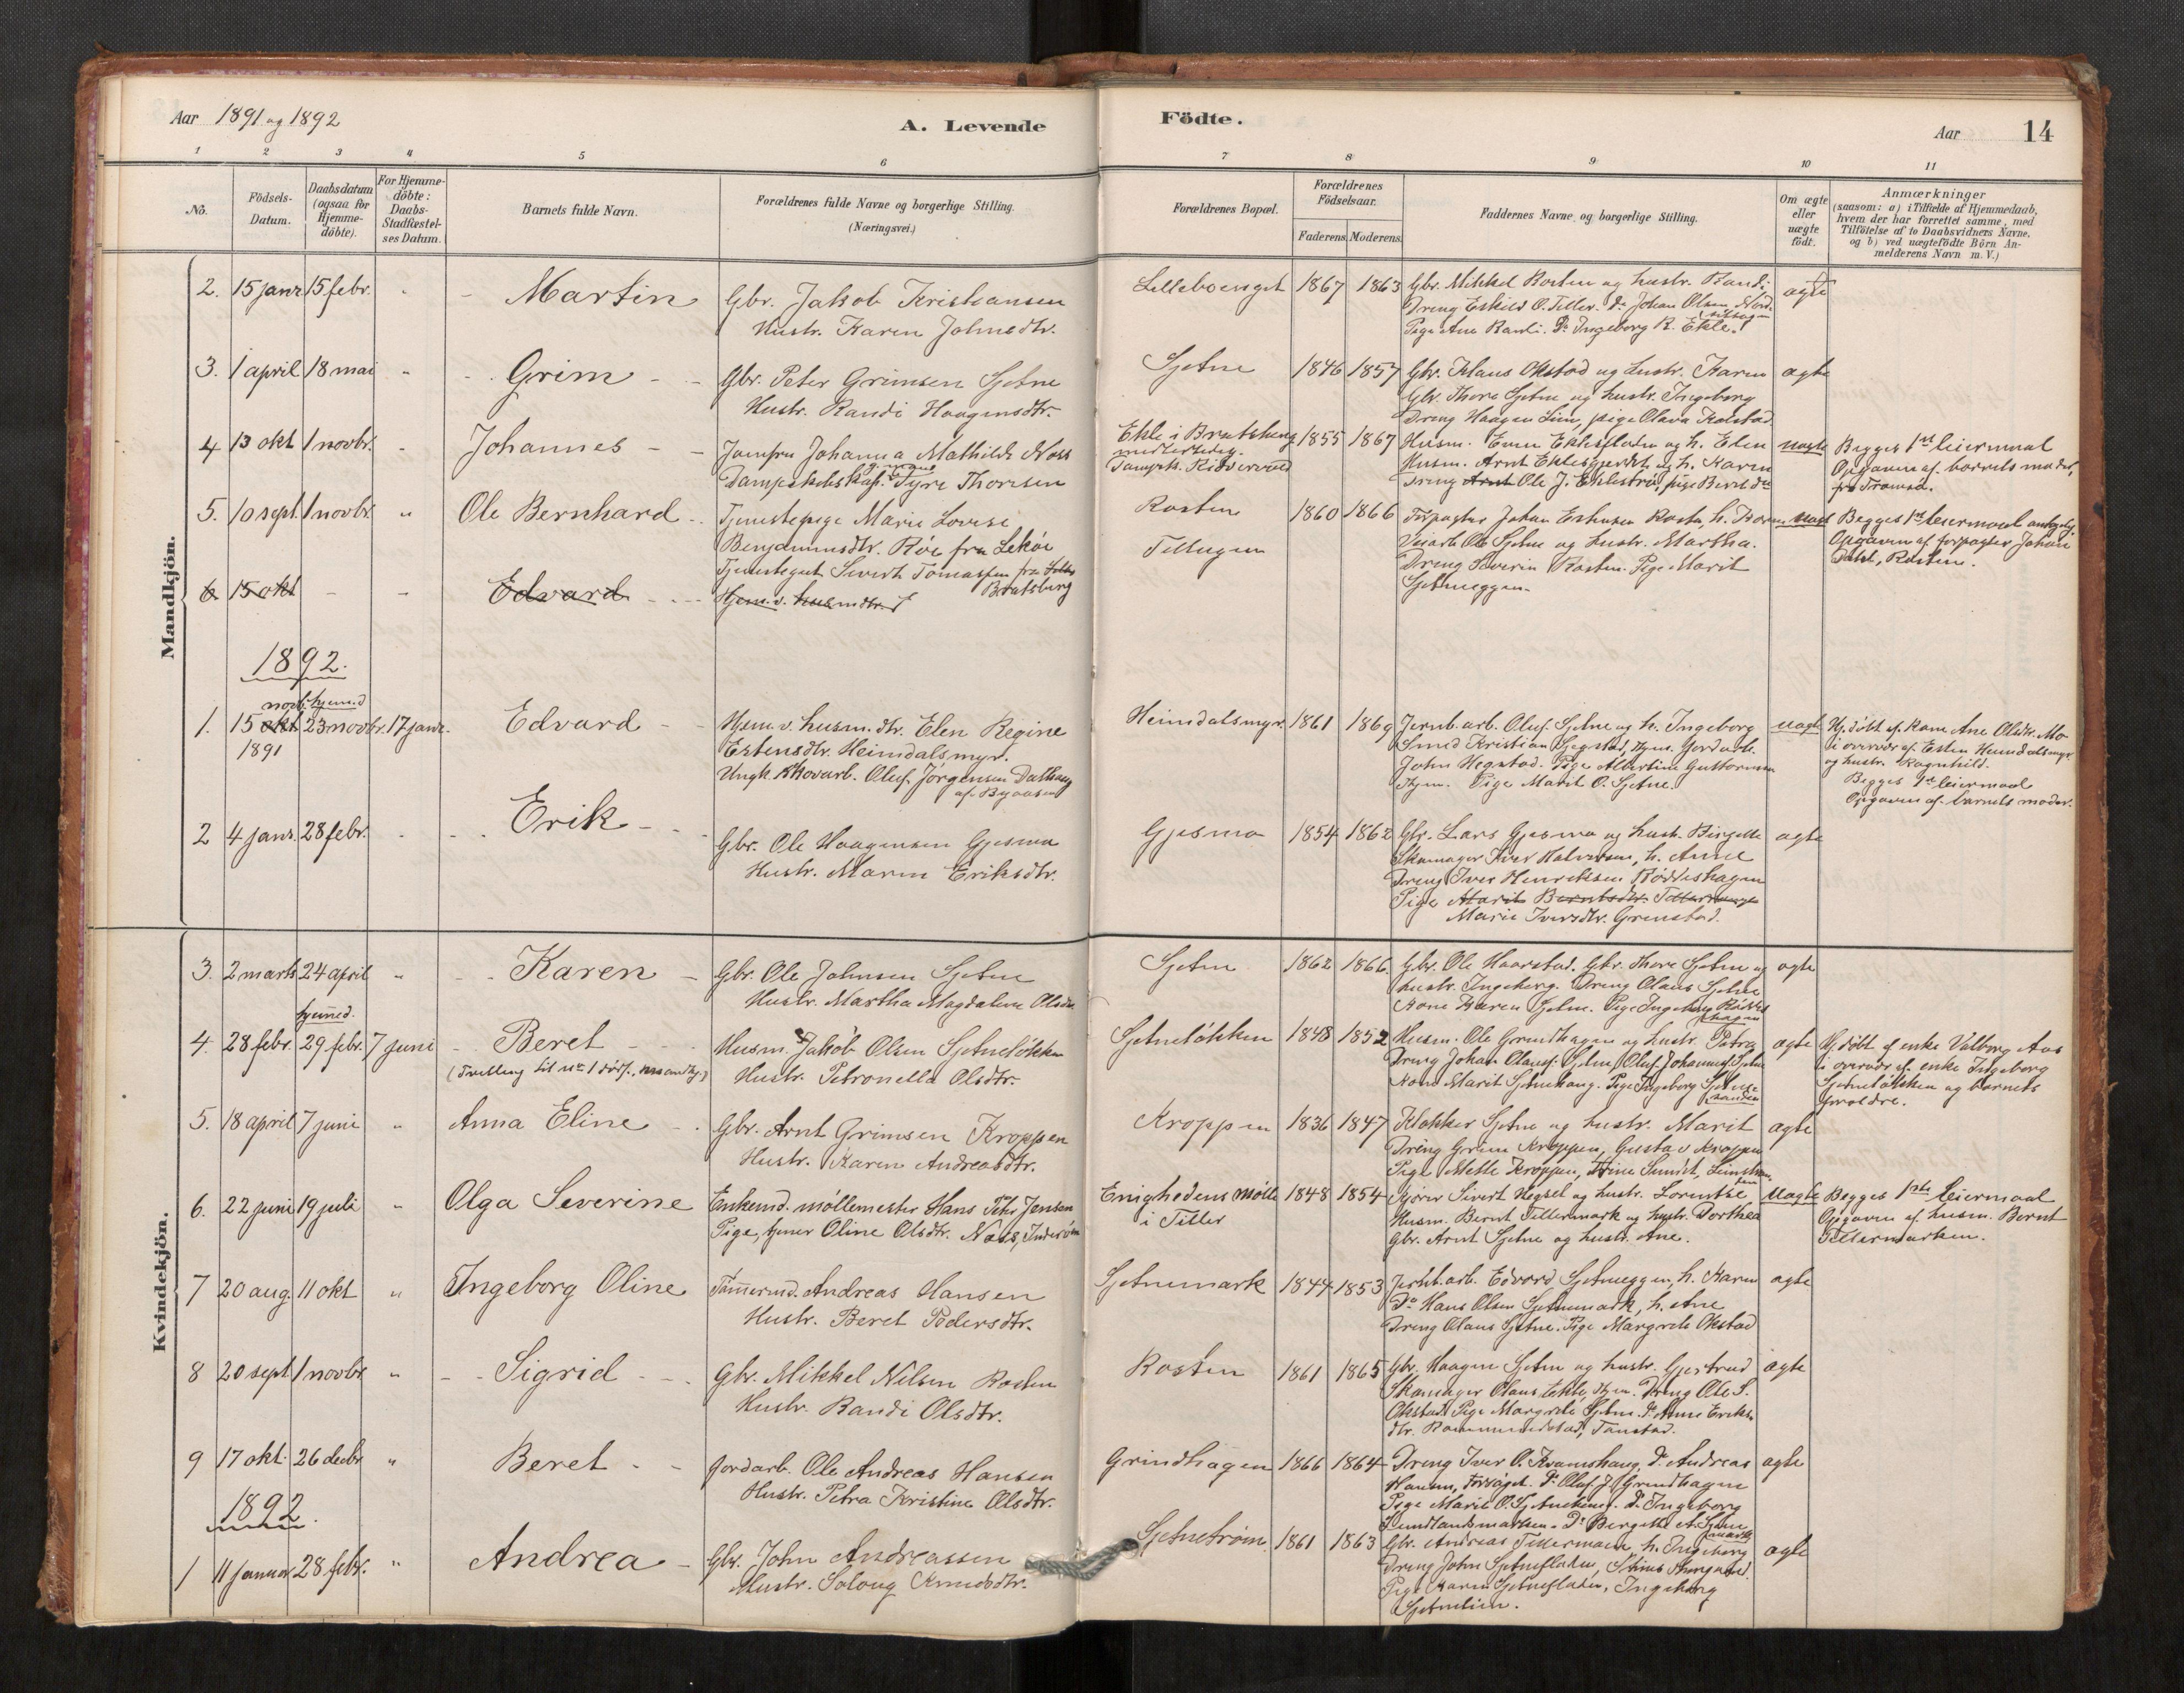 SAT, Klæbu sokneprestkontor, Parish register (official) no. 1, 1880-1900, p. 14